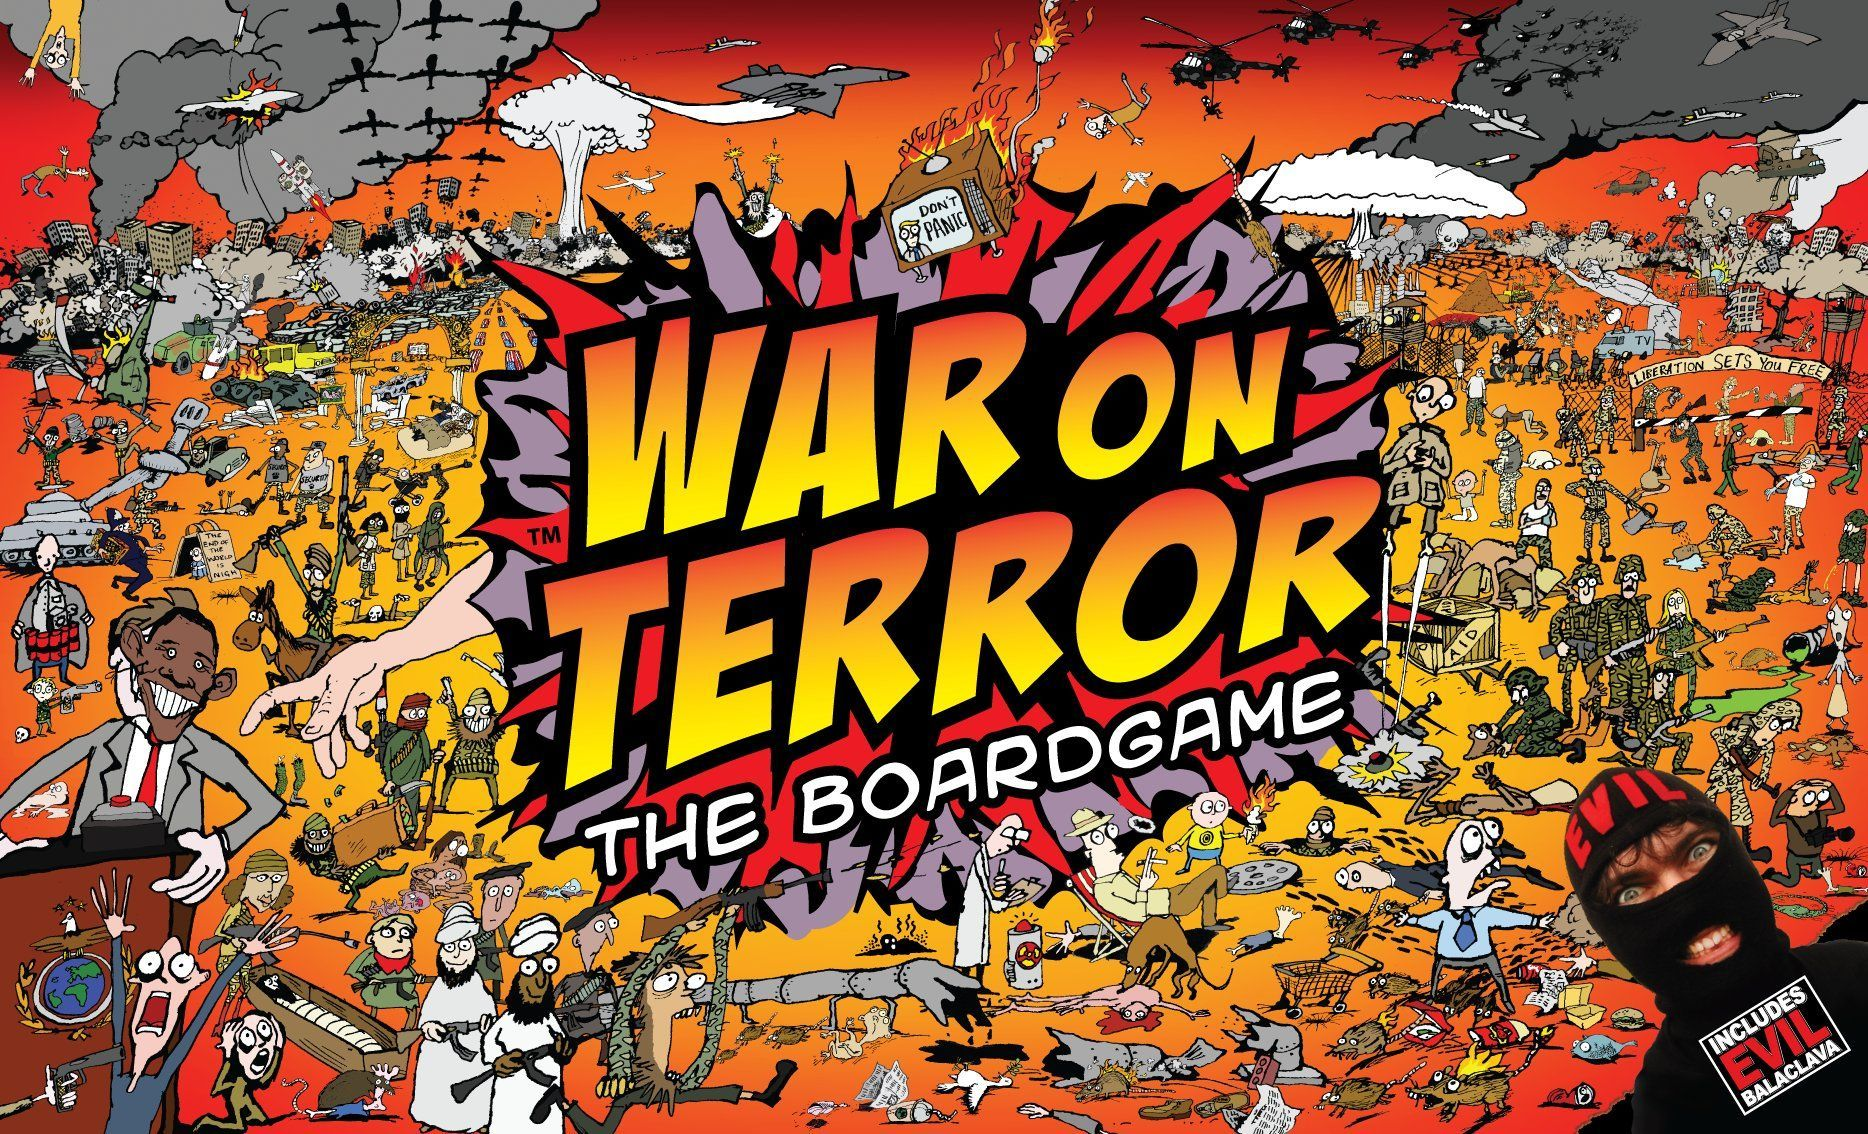 War on Terror